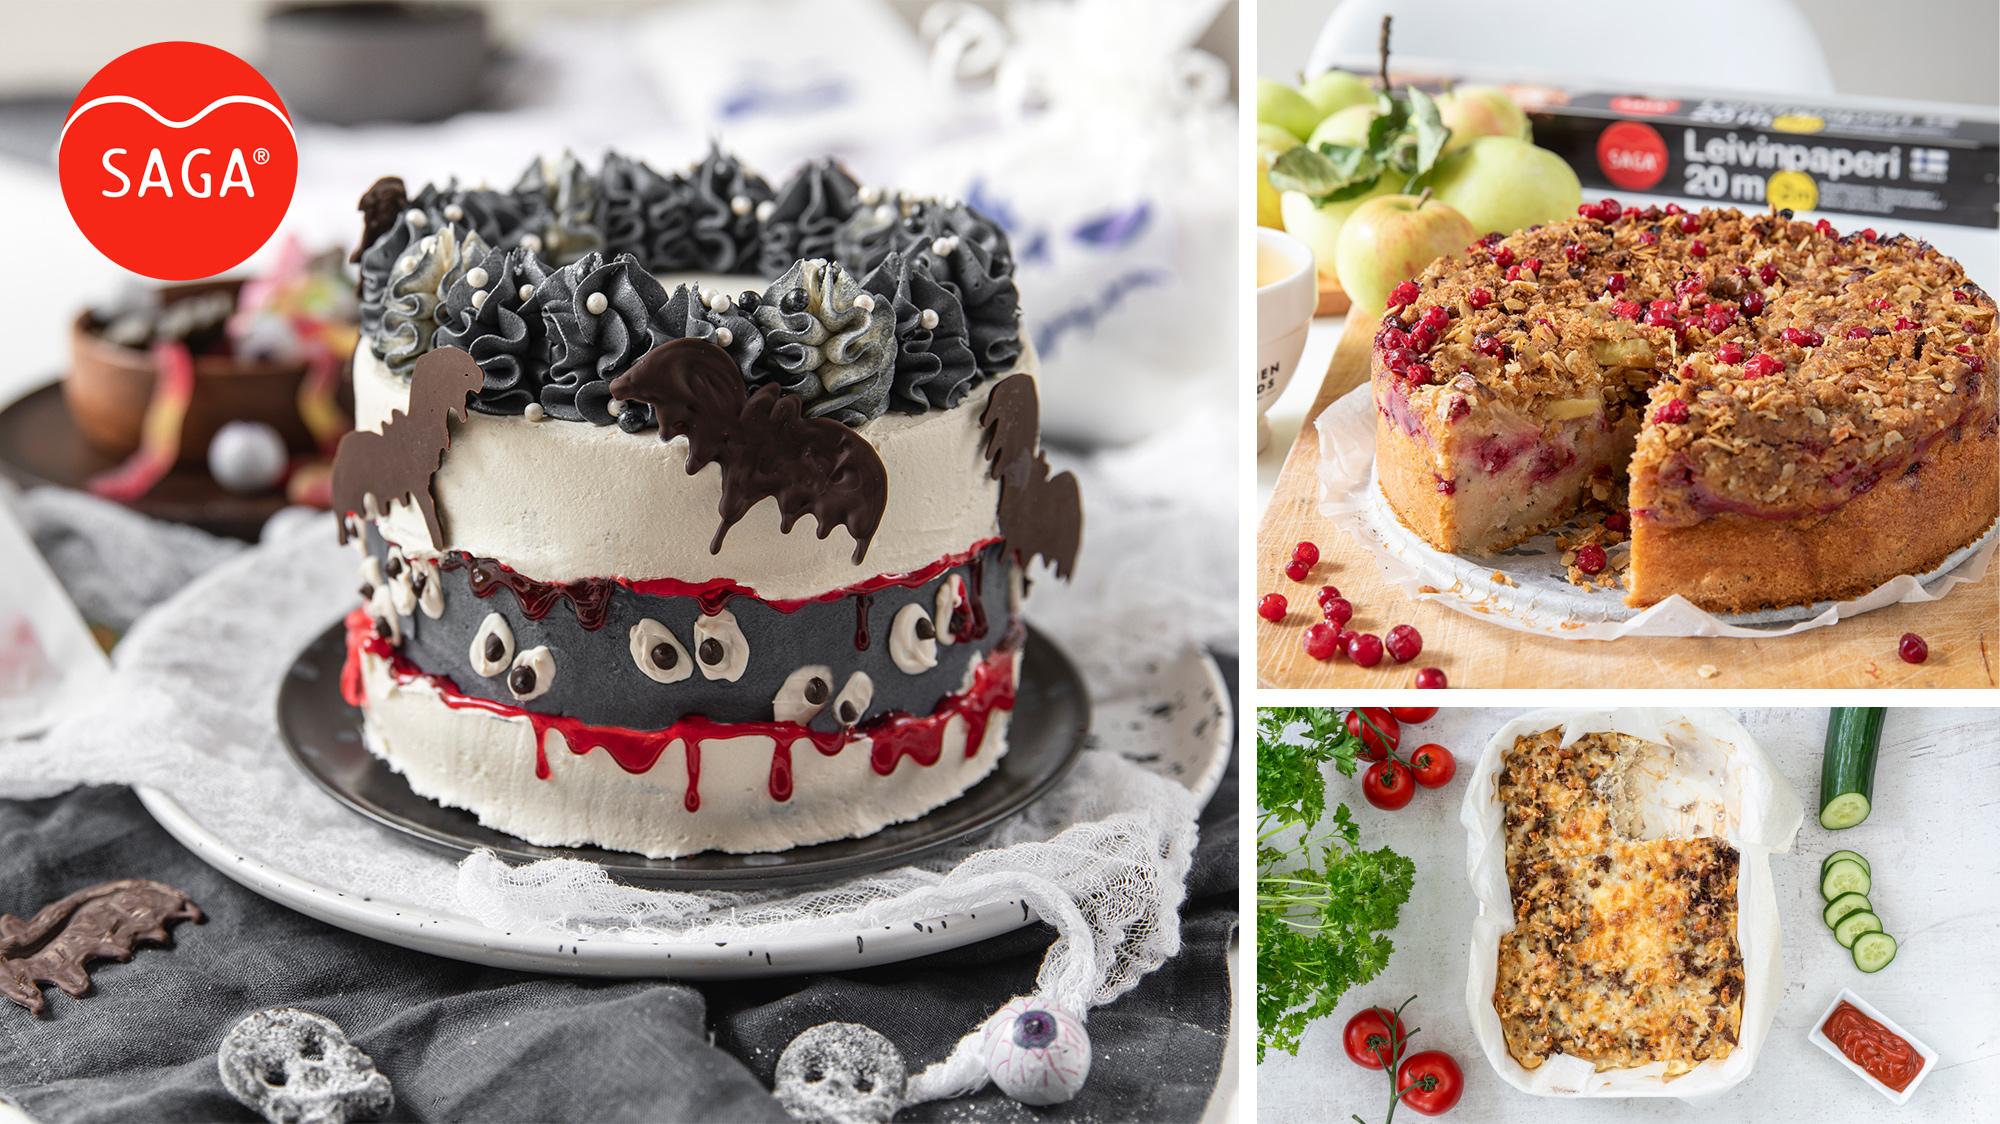 Kuvia Halloween-kakusta, puolukkakakusta ja makaronilaatikosta.